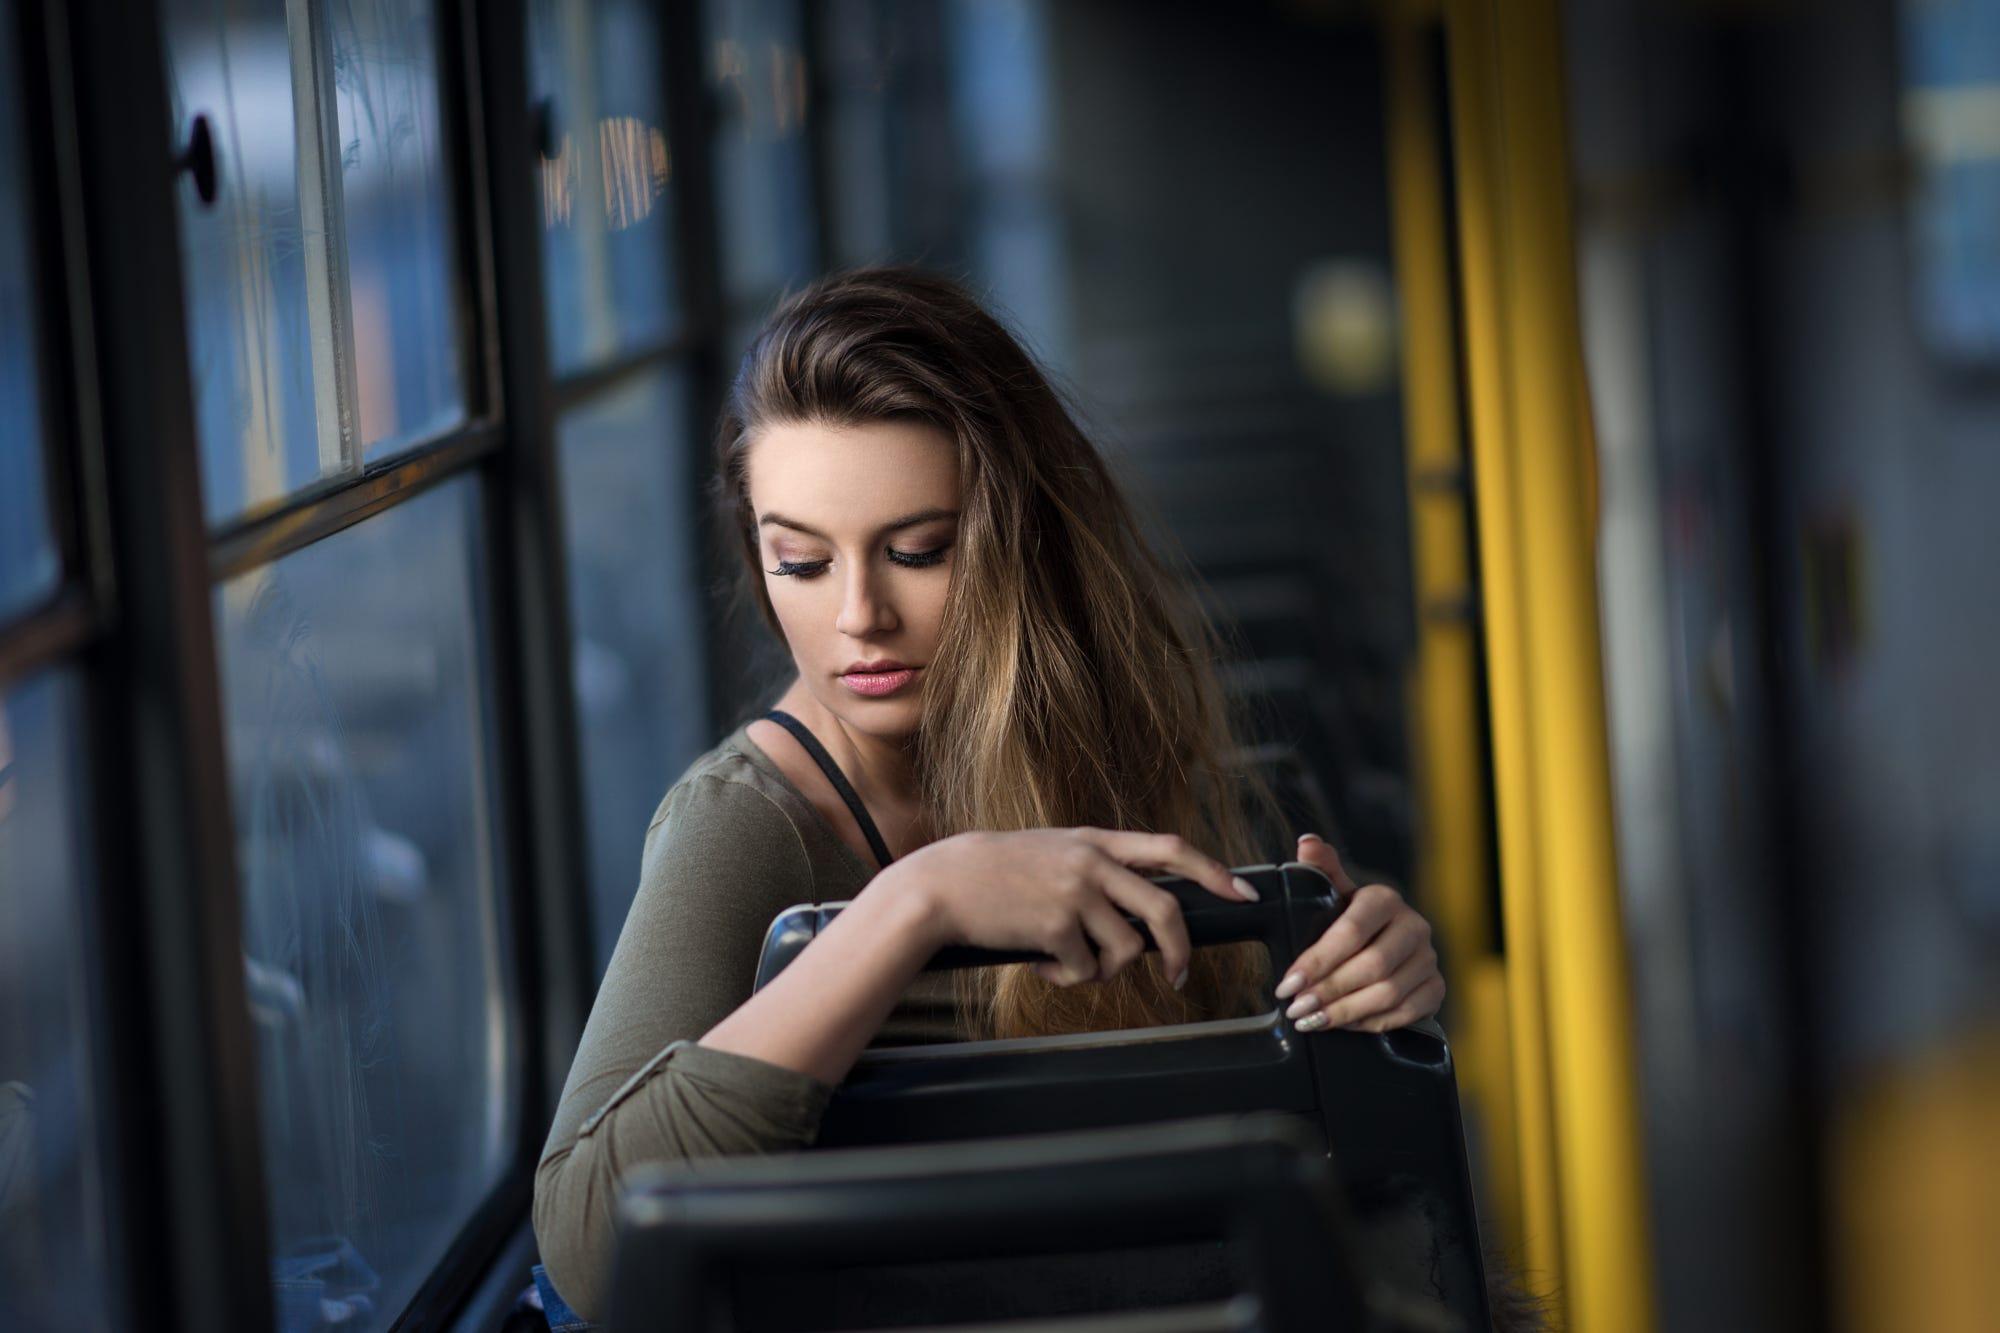 например противник красивые девушки в автобусе фото ерунду нормального потом